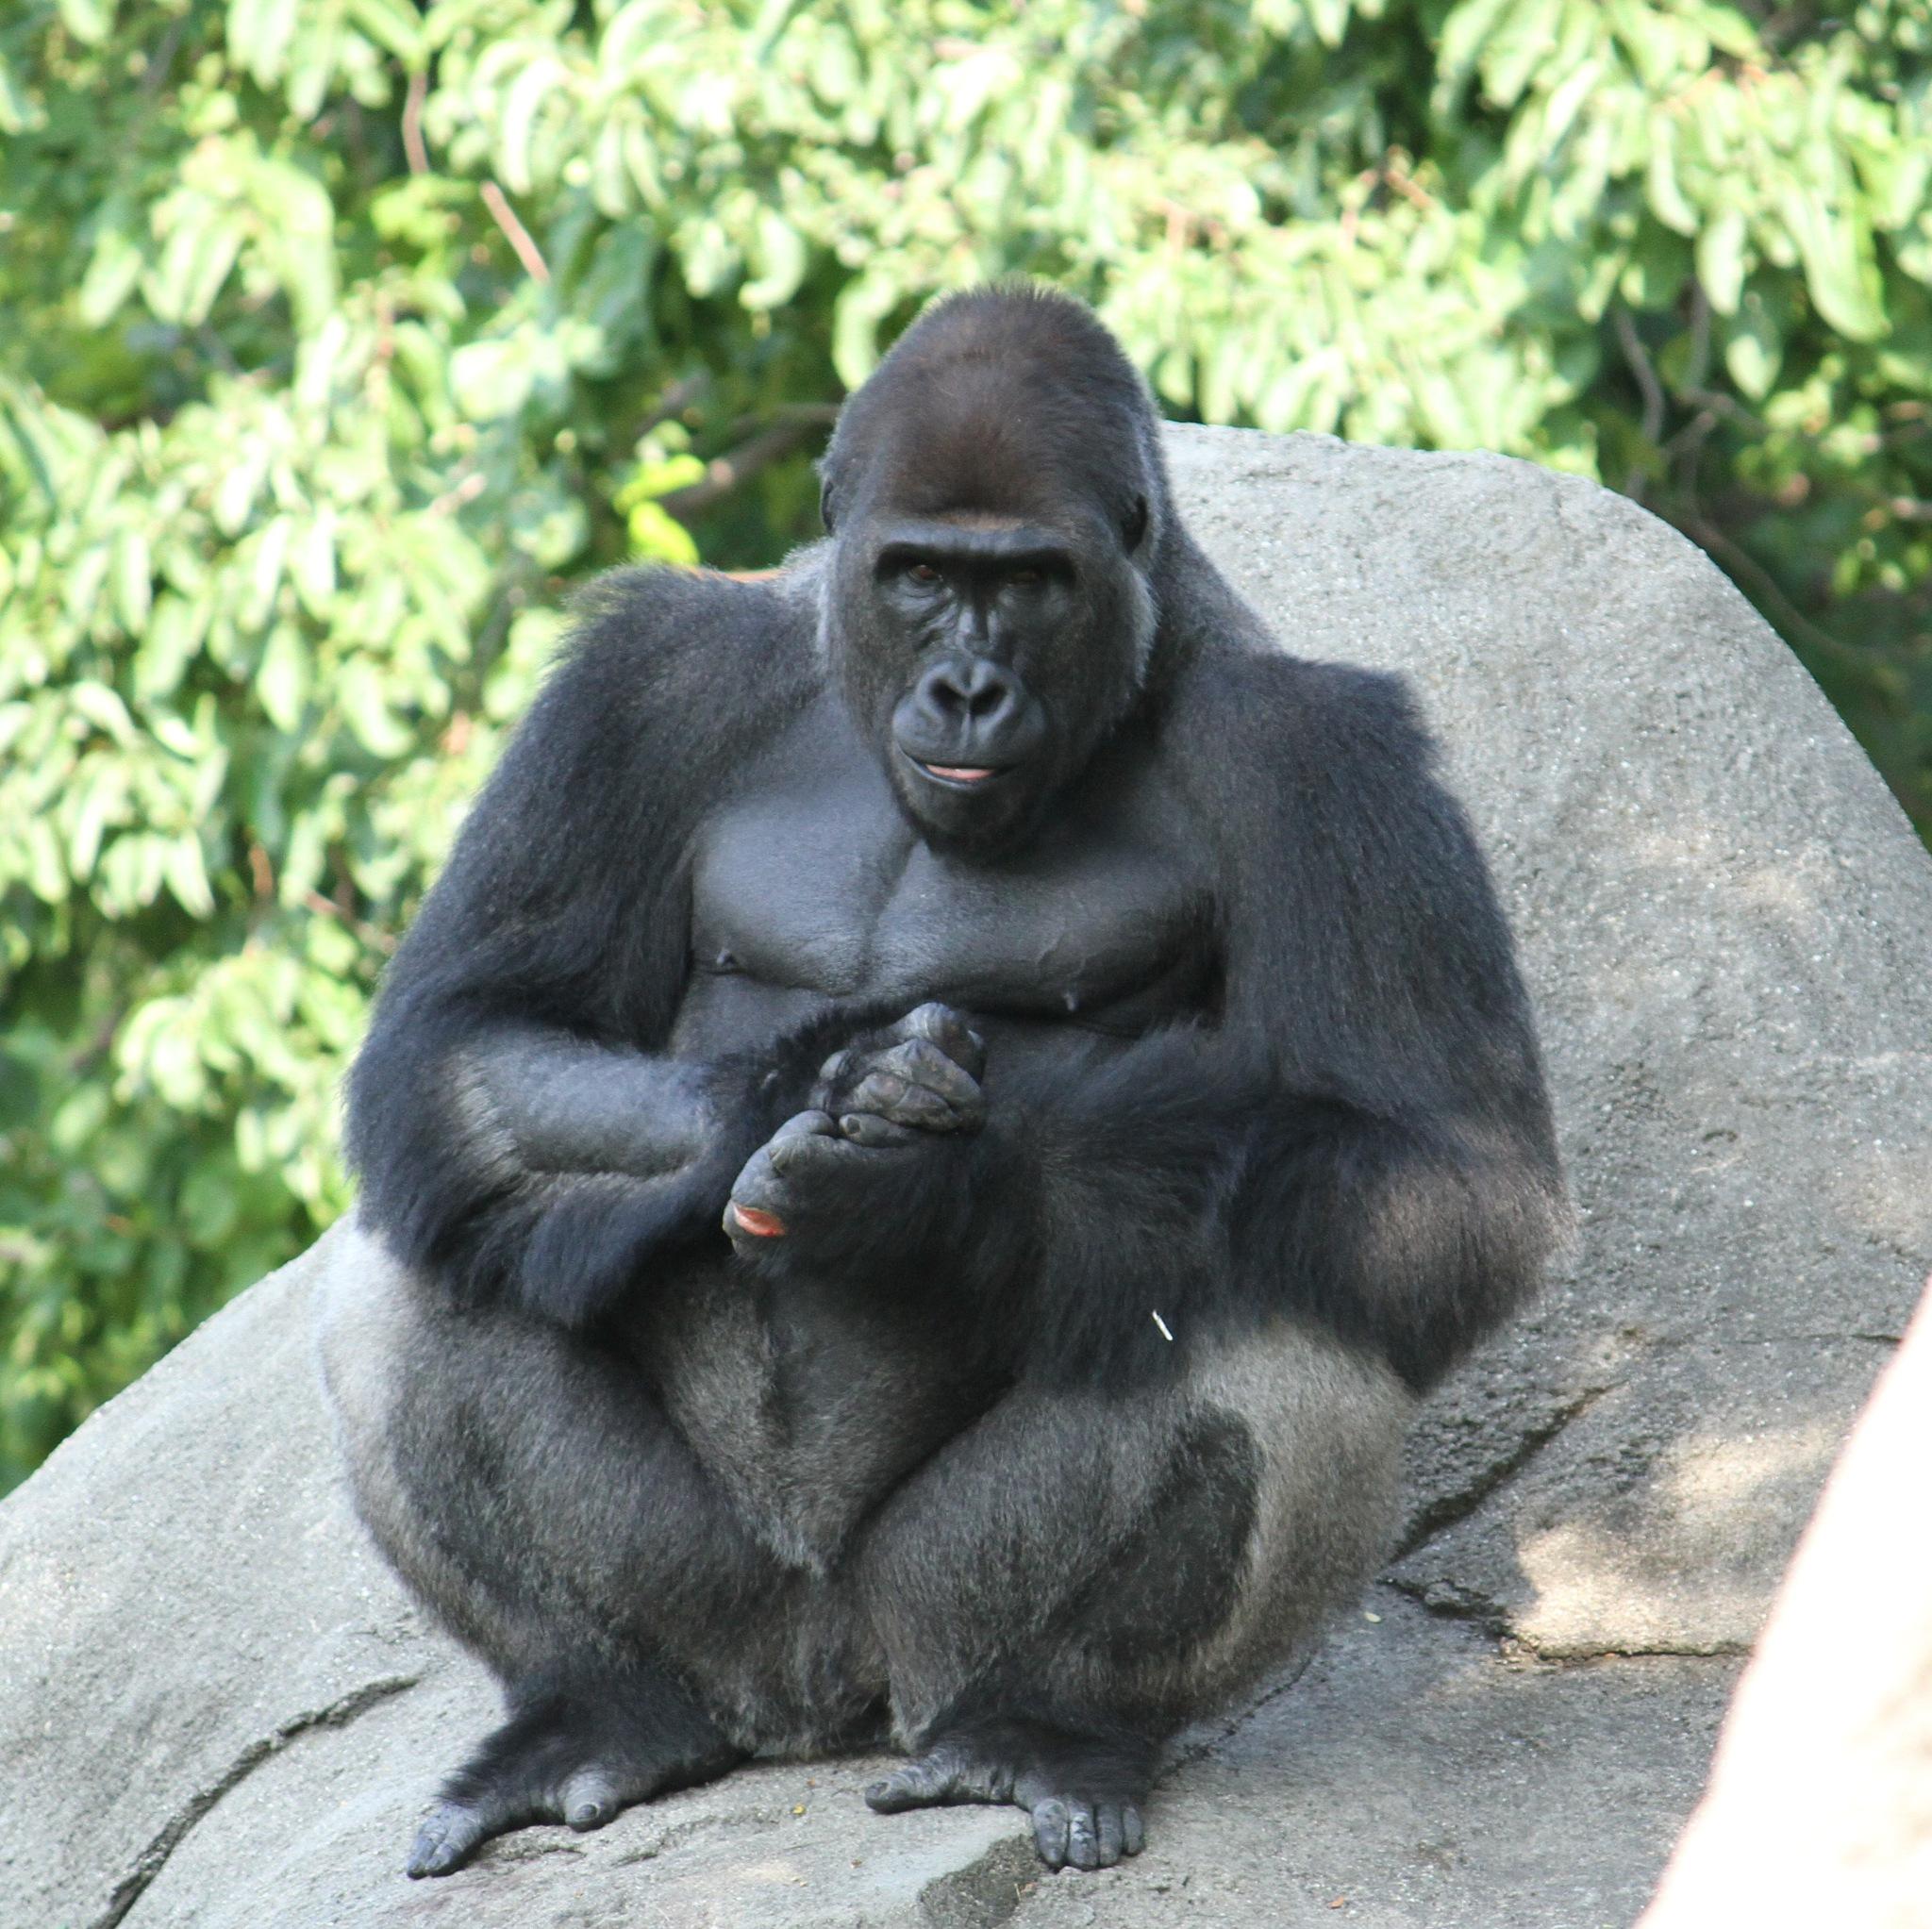 Gorilla by Nicole Bixby